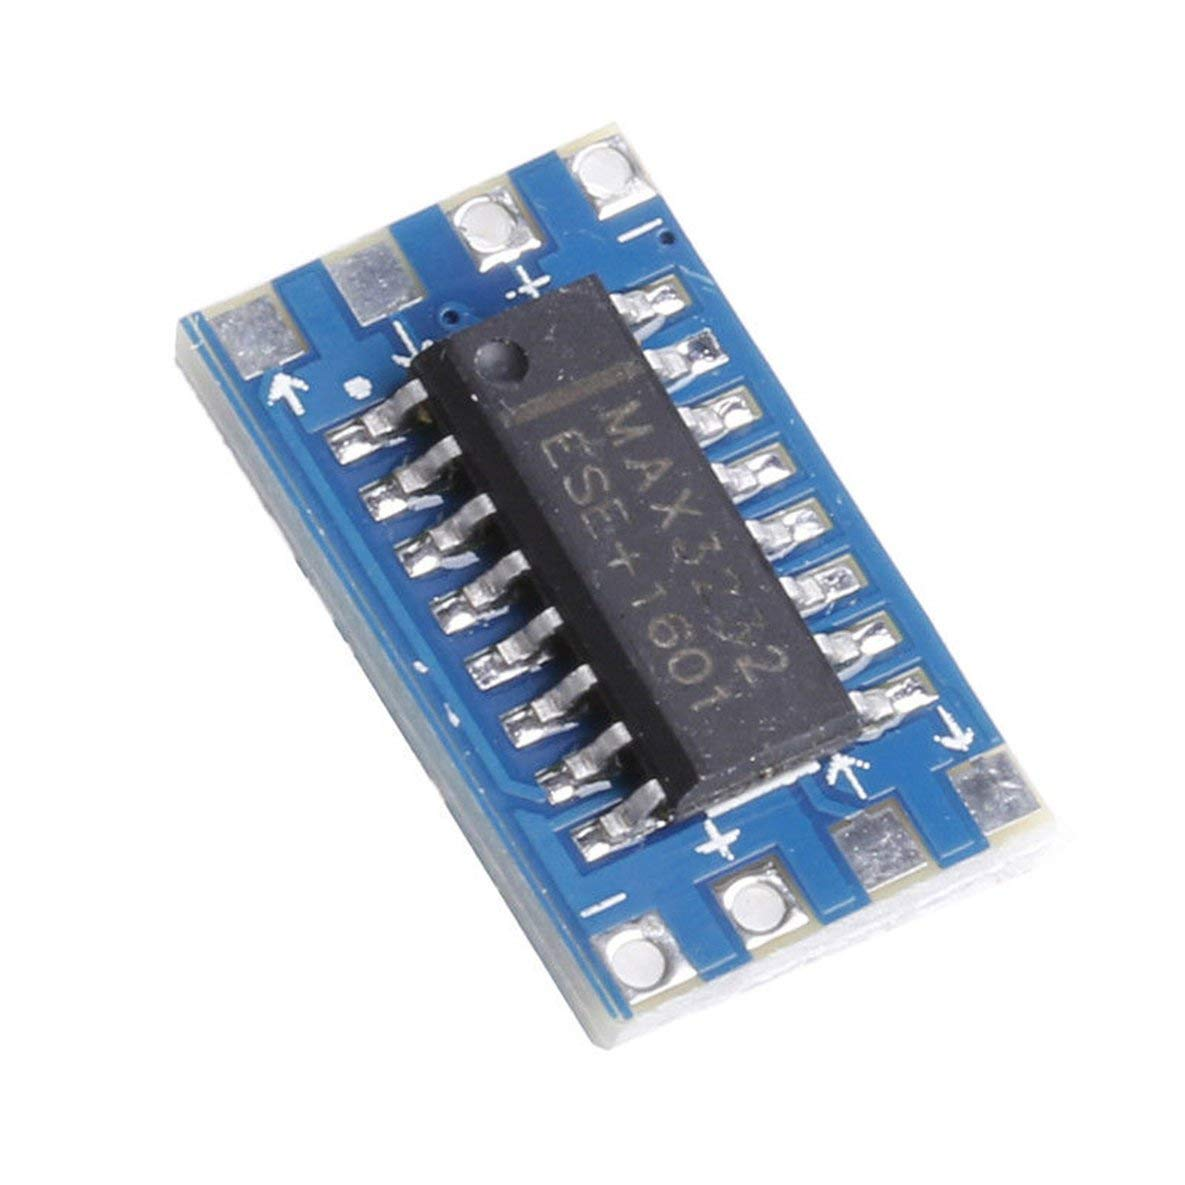 Monllack 5 St/ücke RS232 Zu TTL MAX3232 Konverter Adapter Modul Serielle Schnittstelle Mini Board Neue Hochleistungs Tragbare Gr/ö/ße